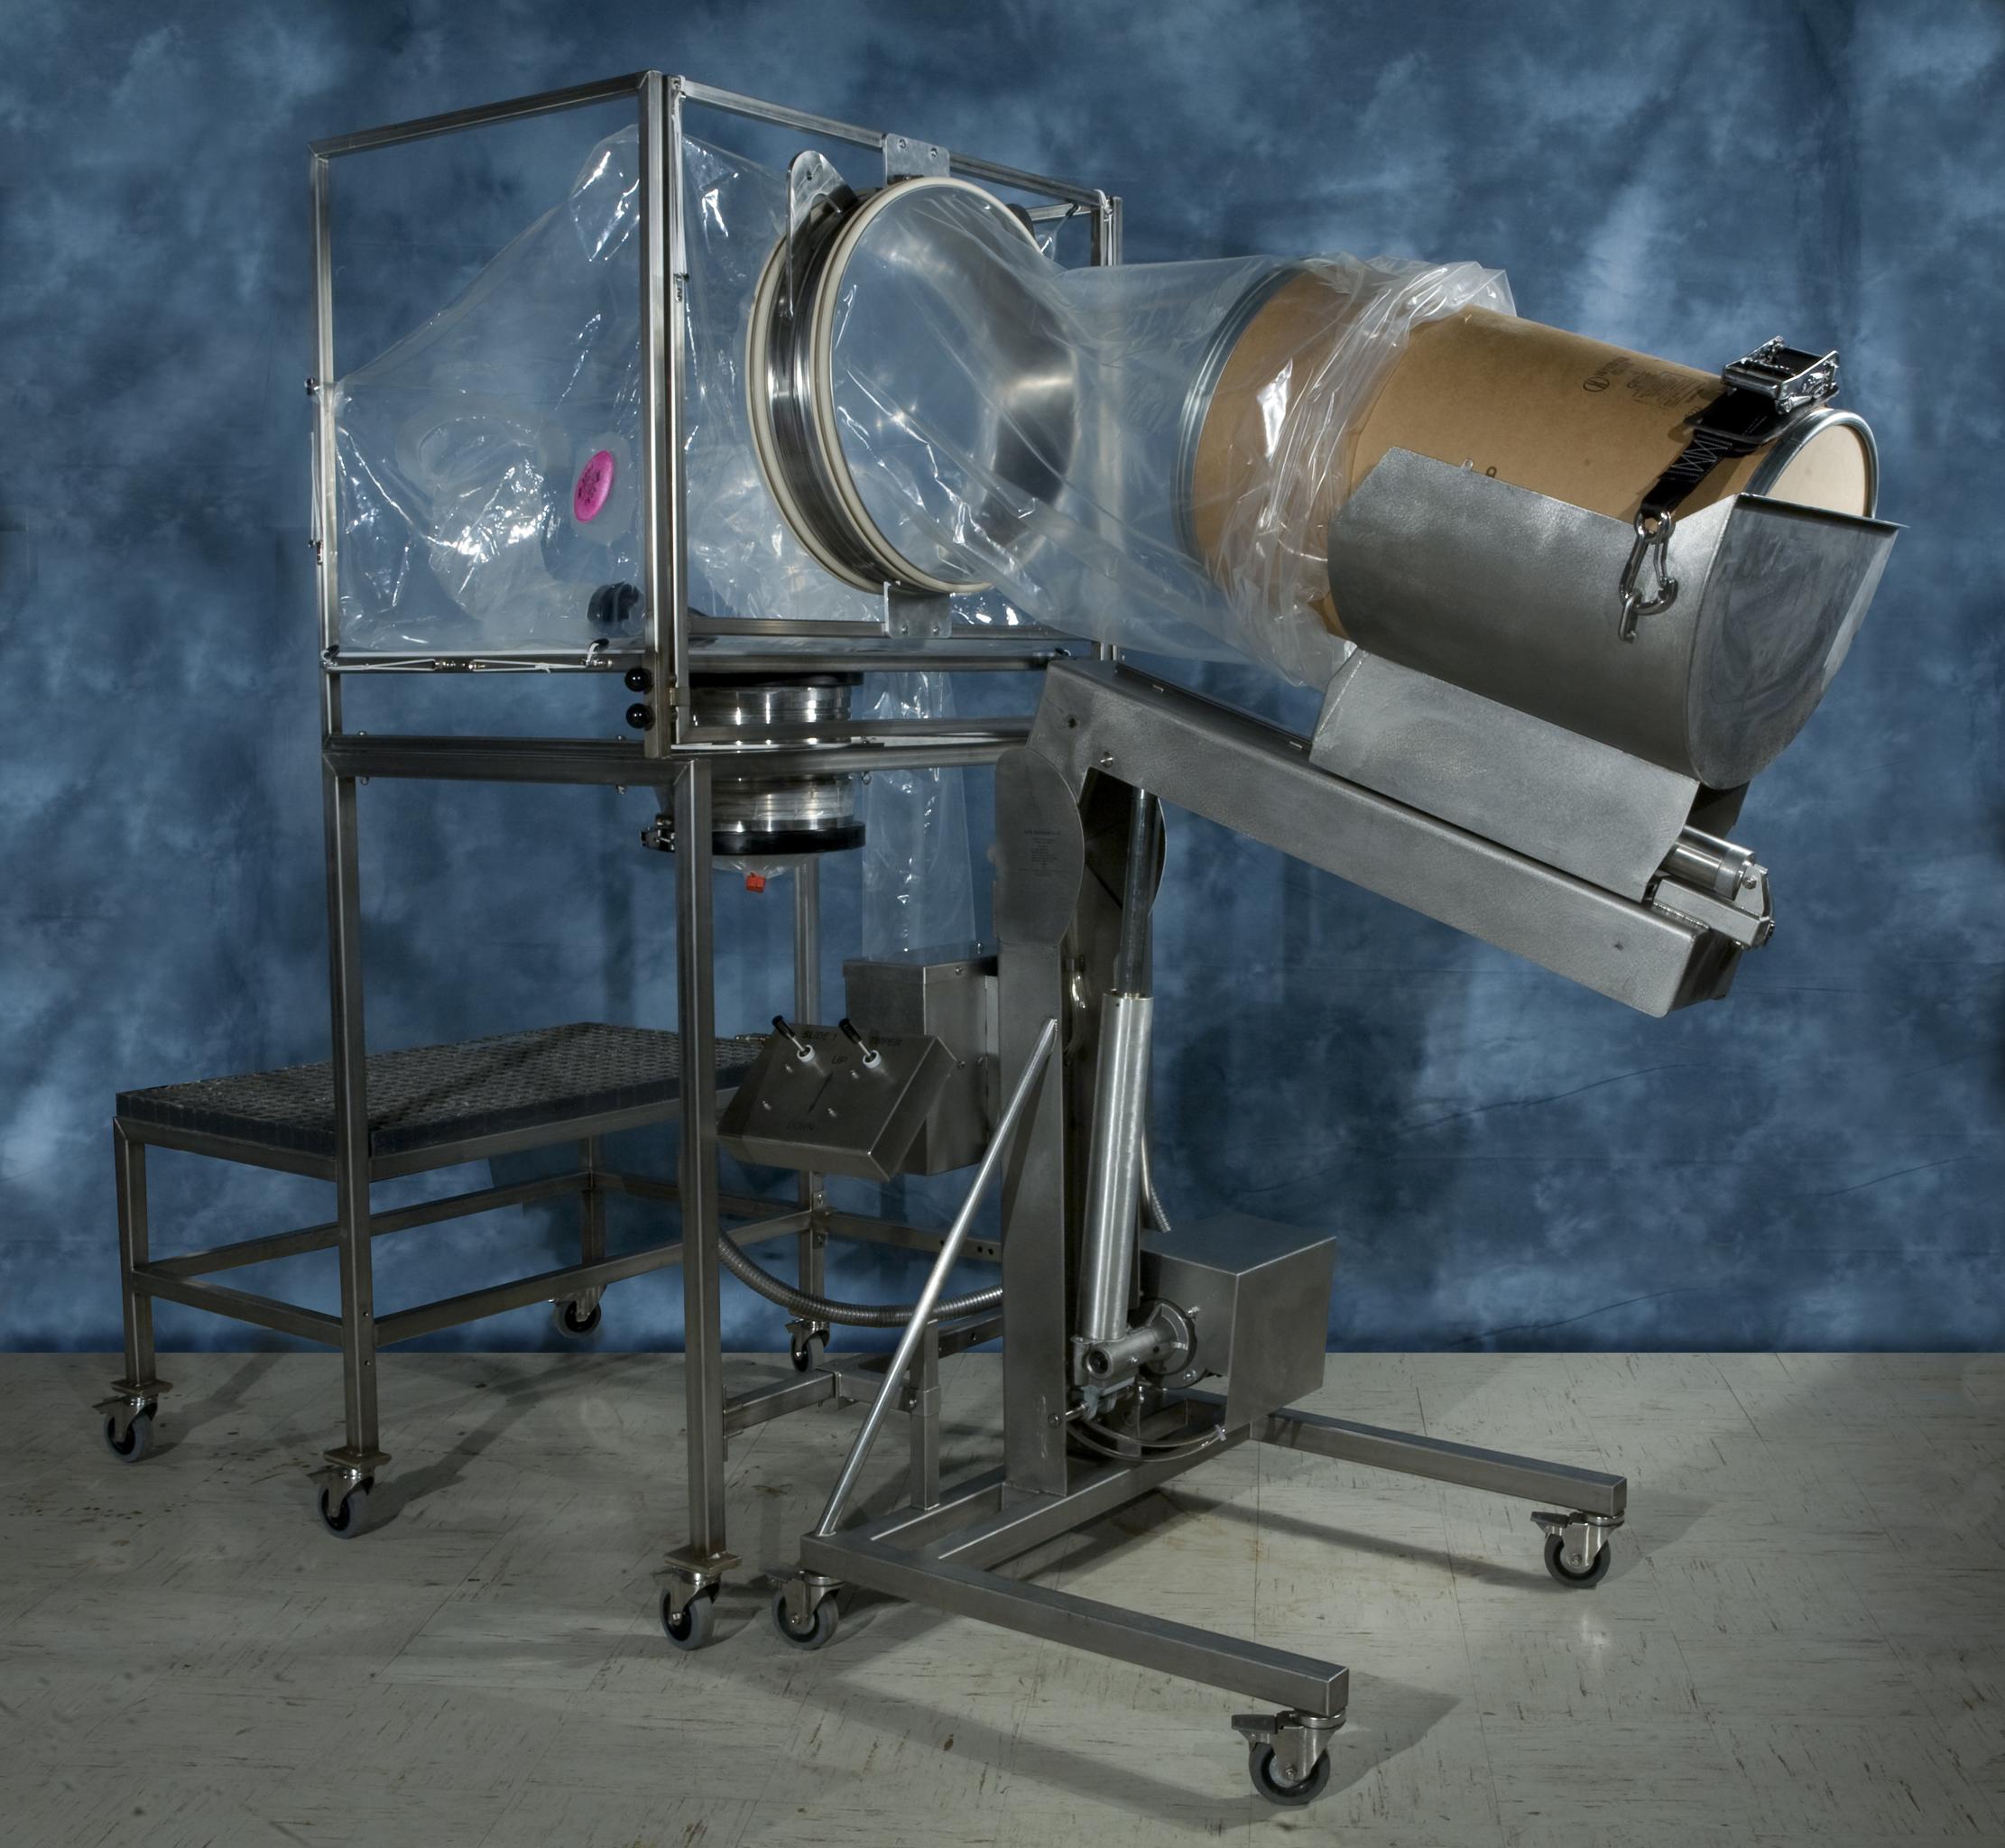 Pružný systém pro přemístění materiálu z barelových vaků